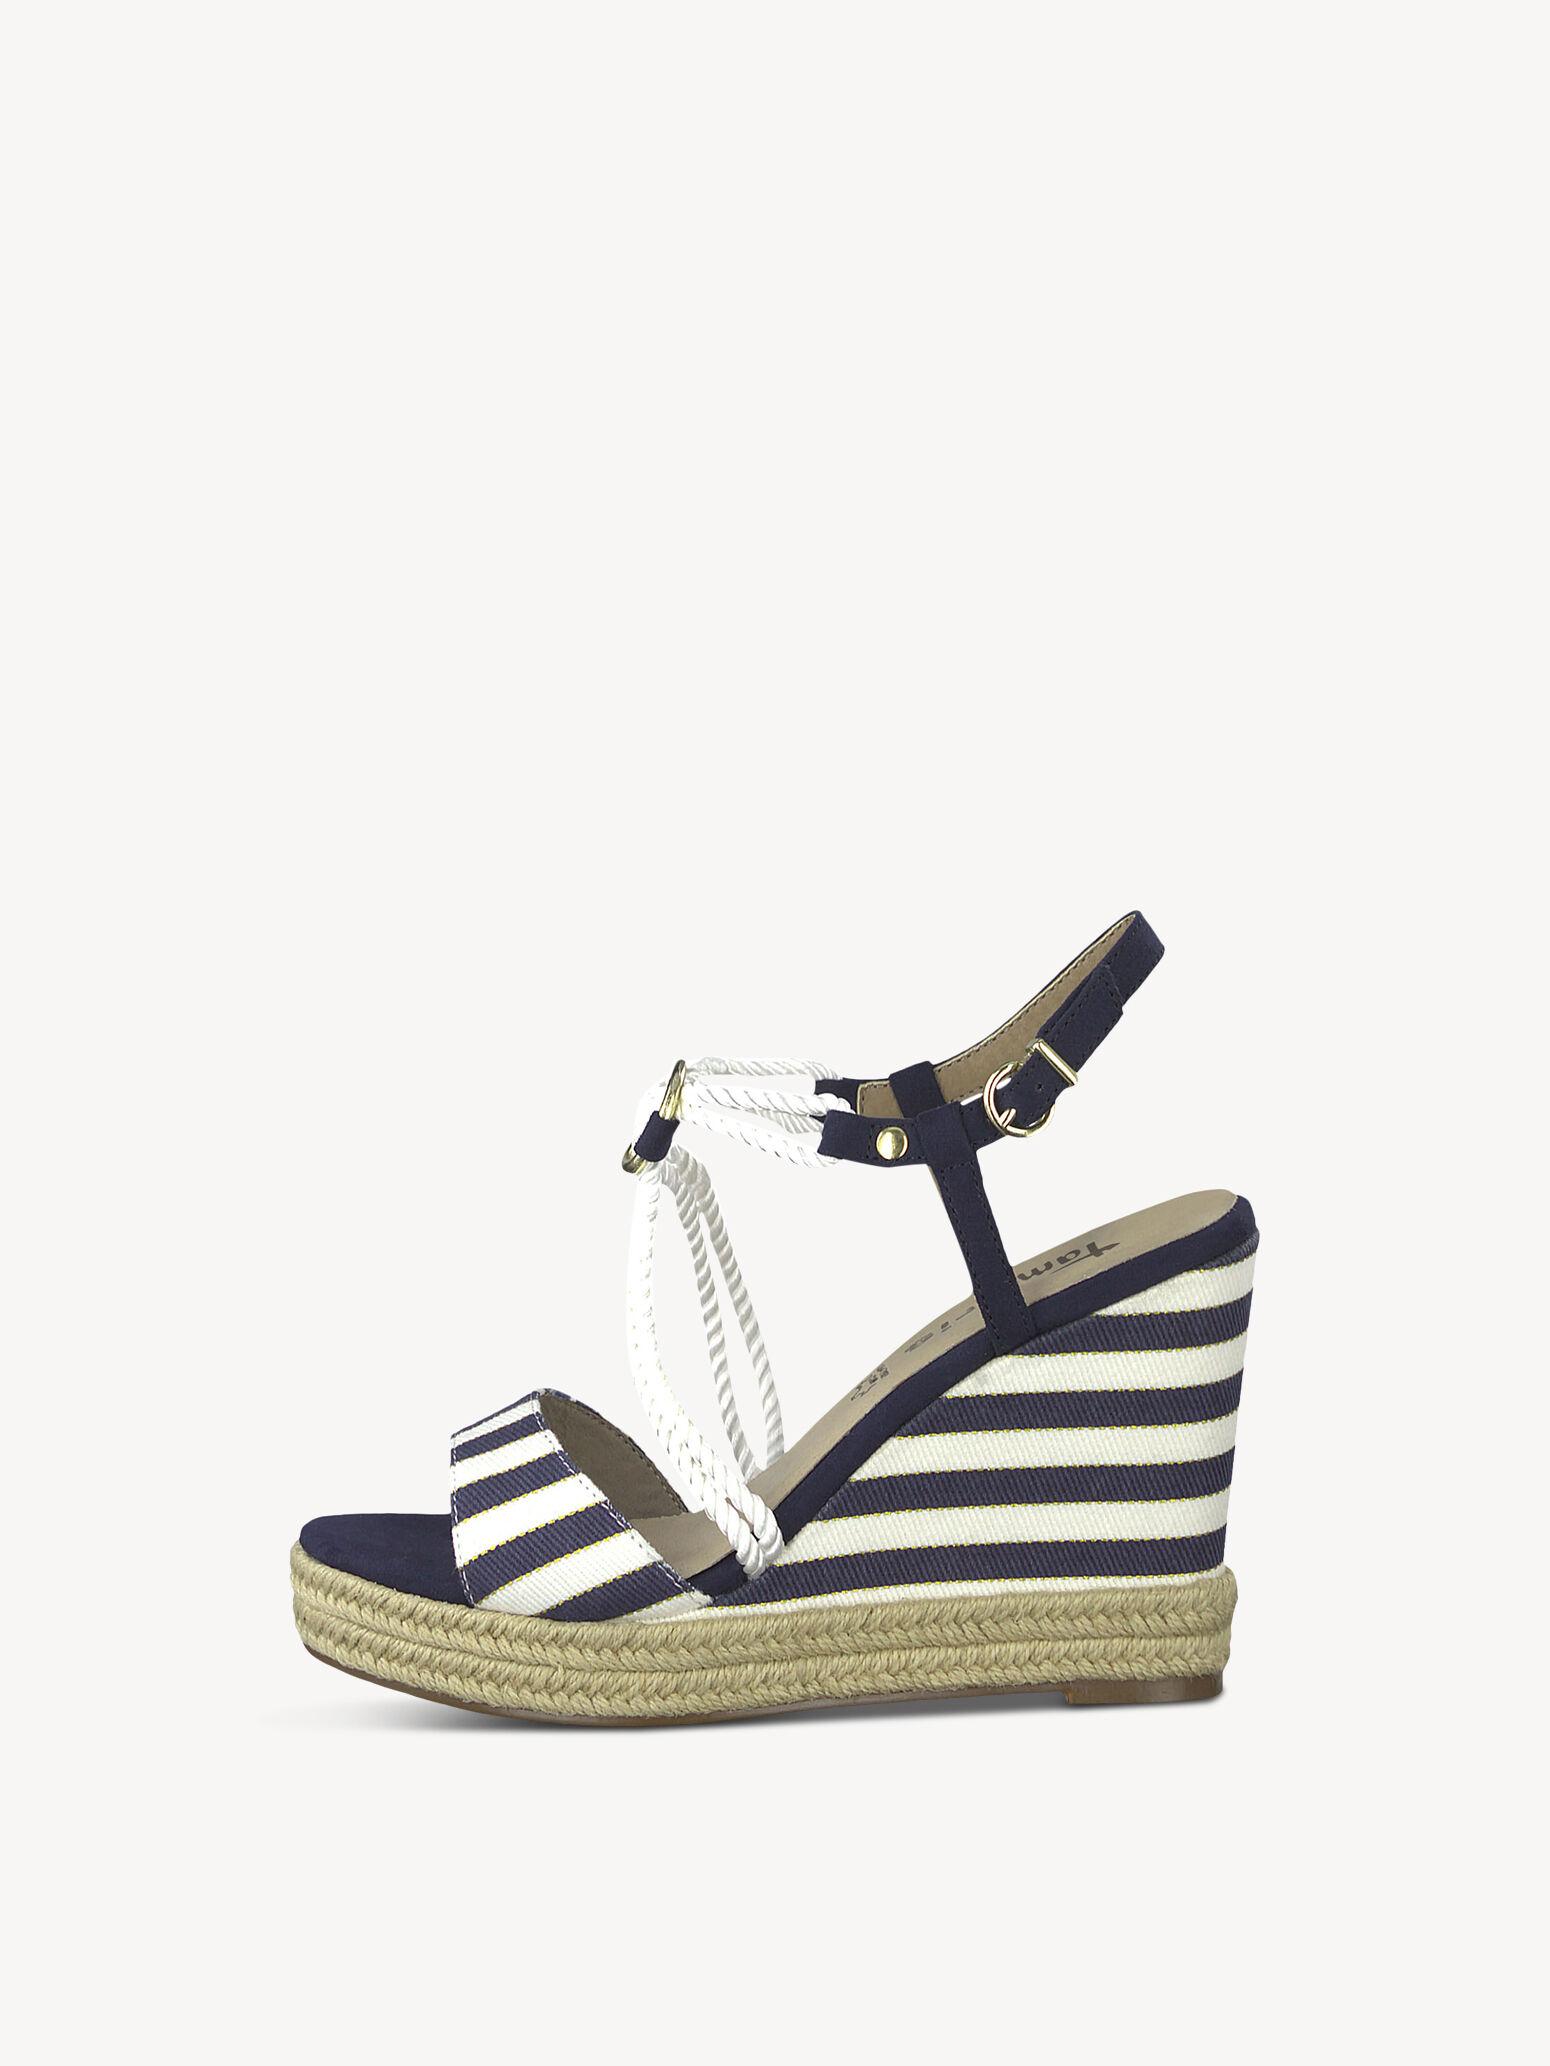 Femmes Chaussures À Tamaris Sandales Talons OknX80wP